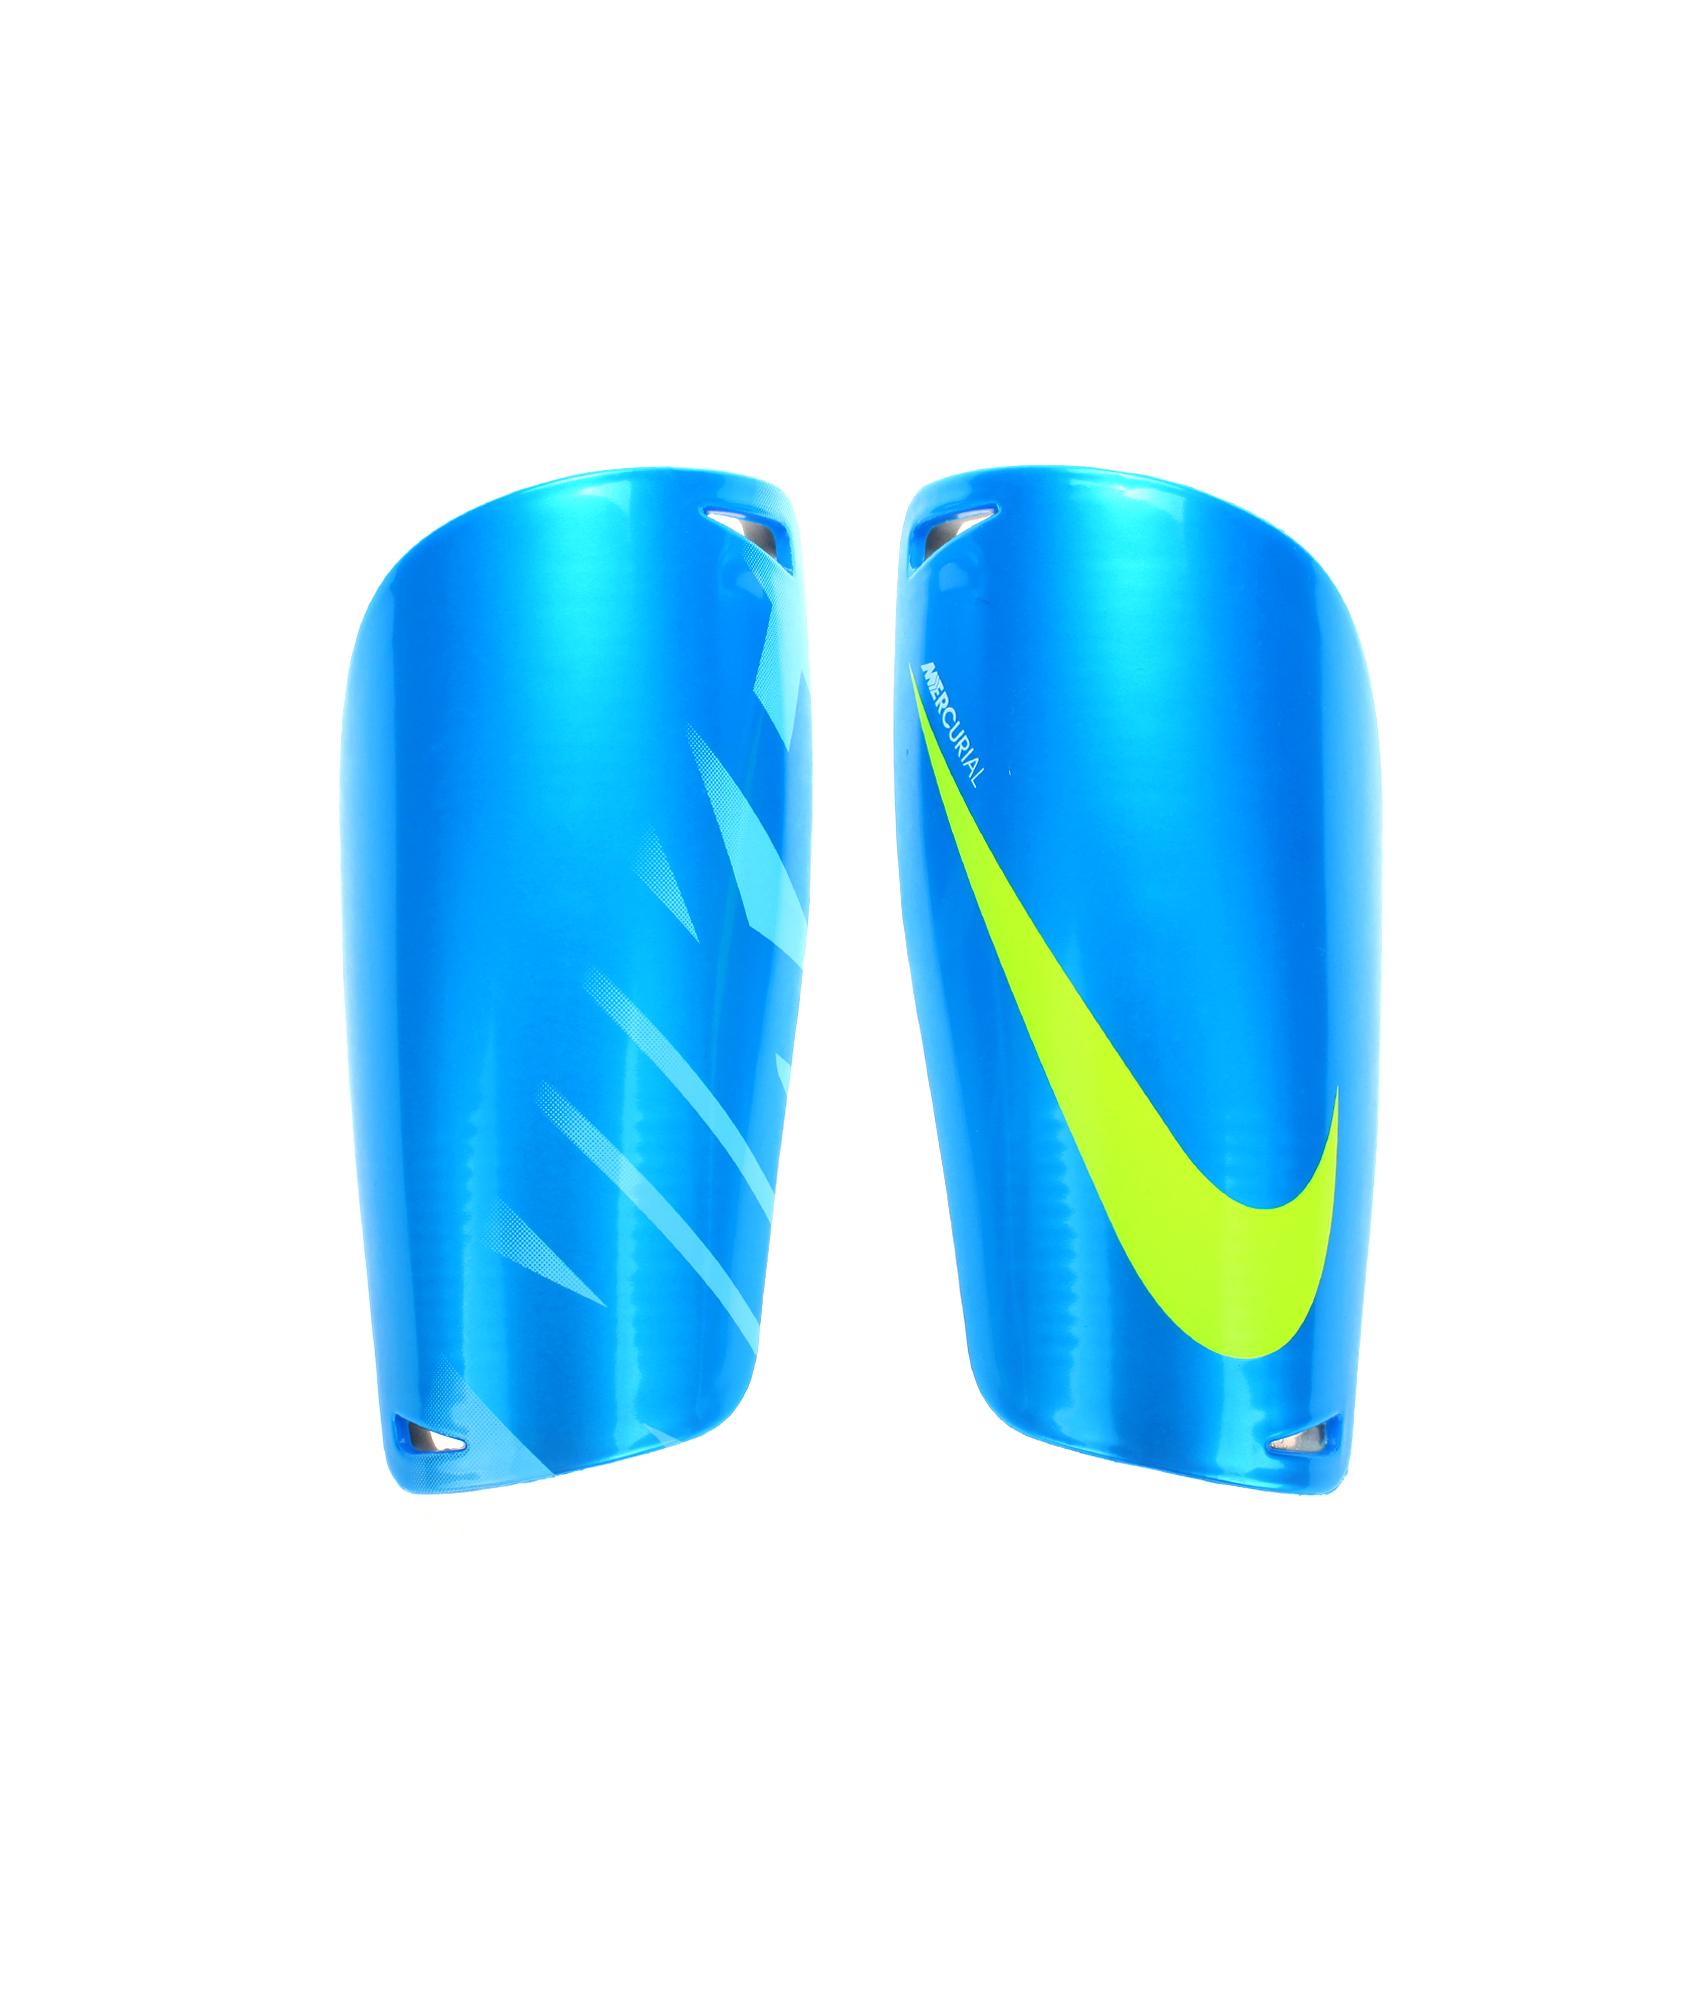 Щитки Nike MERCURIAL LITE, Цвет-Голубой, Размер-XL